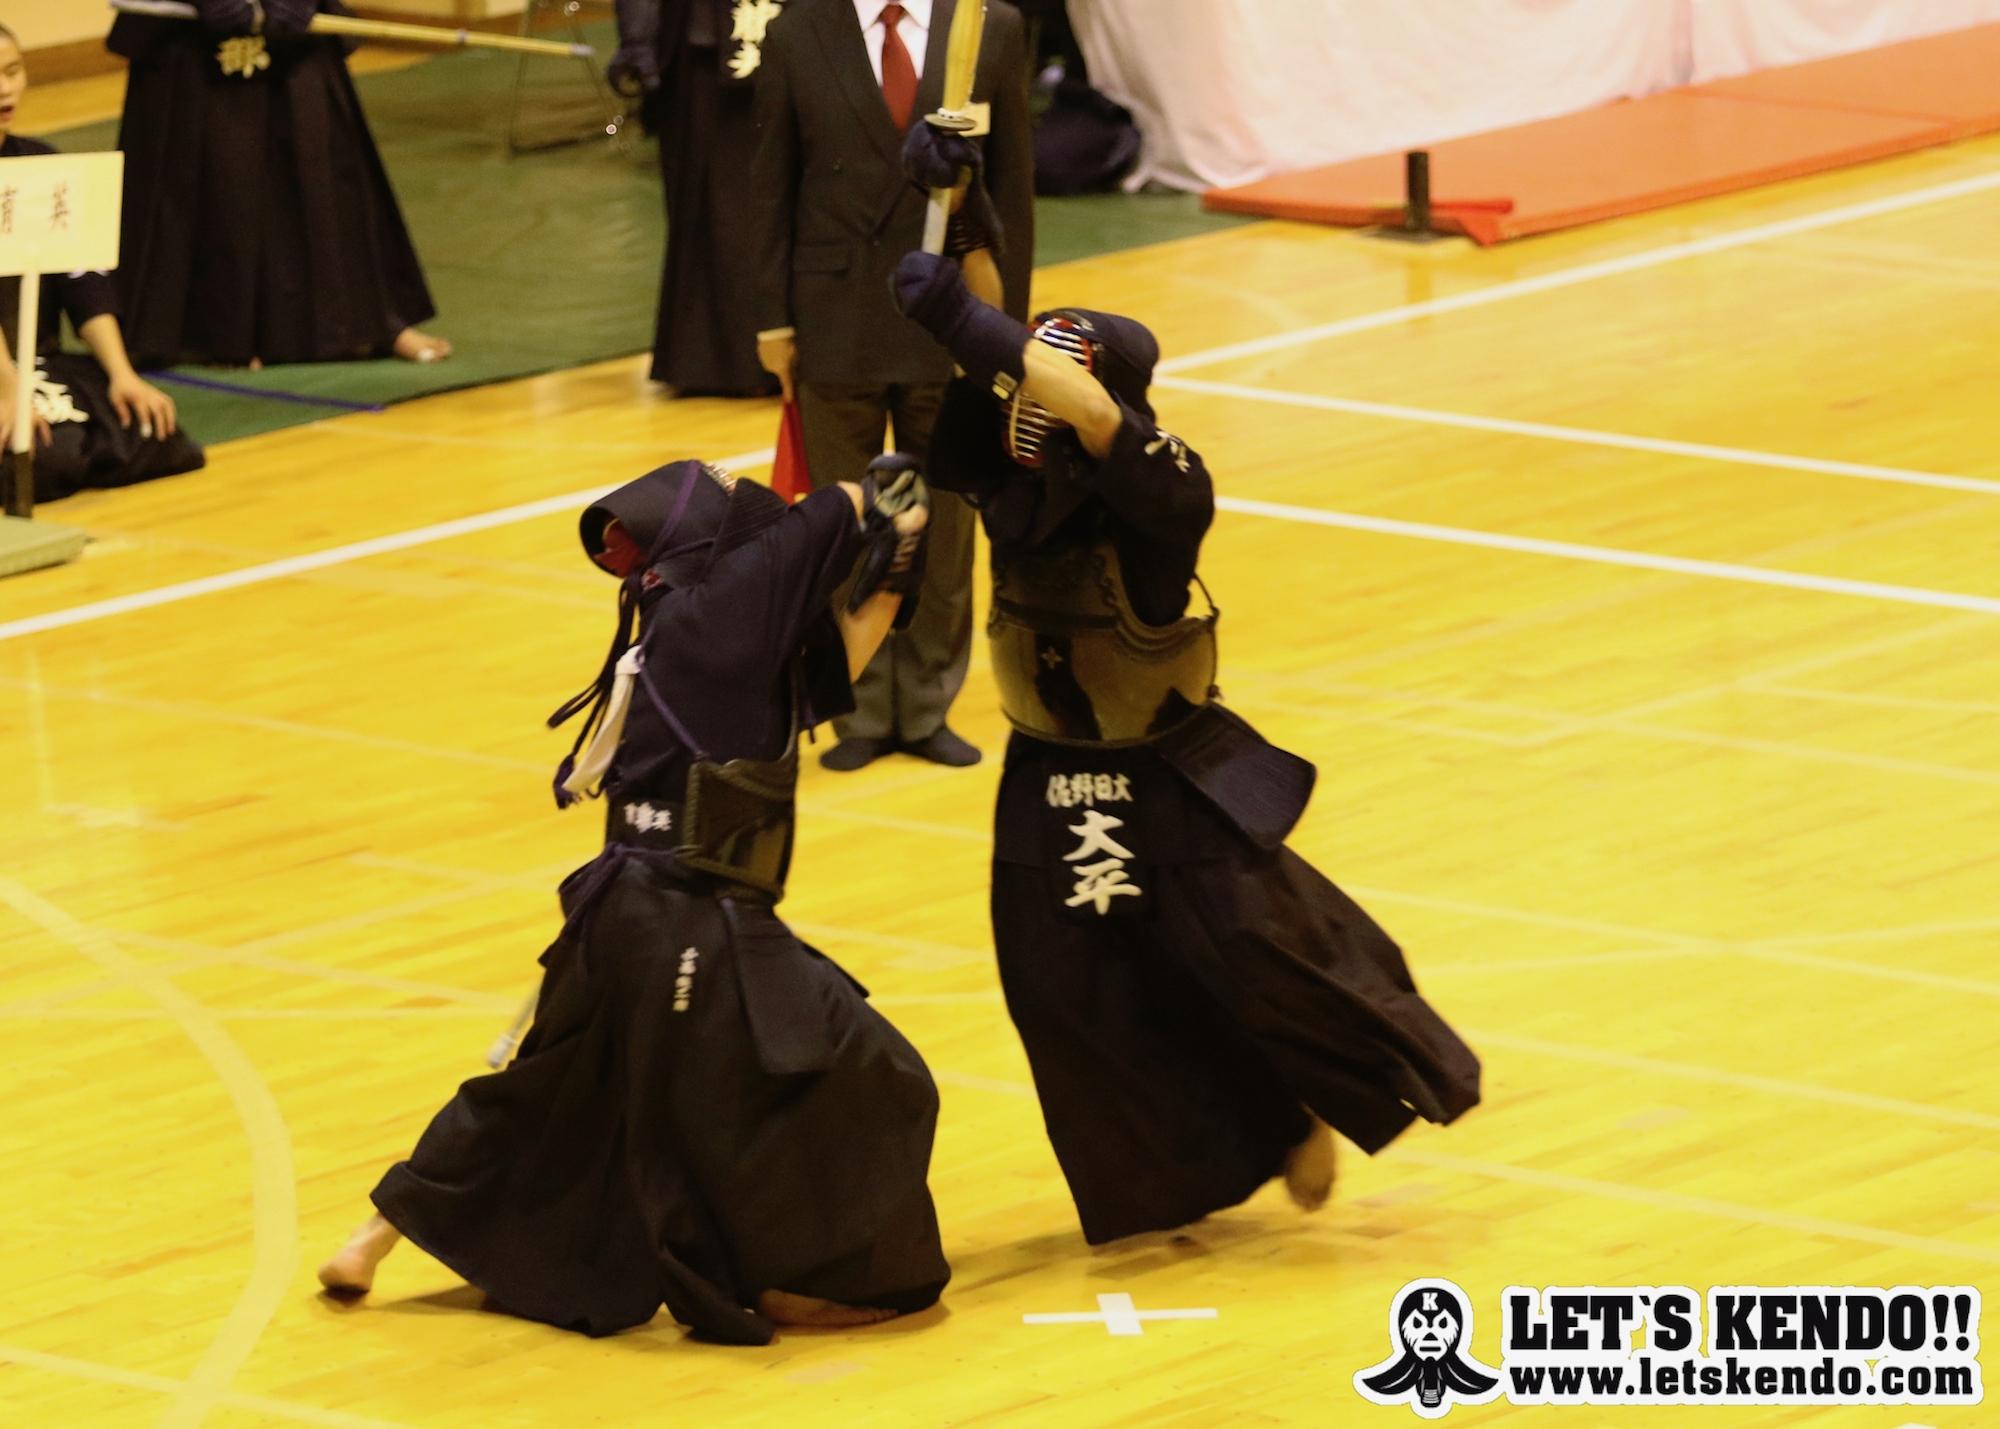 【速報&生配信】12/26 若潮杯争奪高校剣道大会